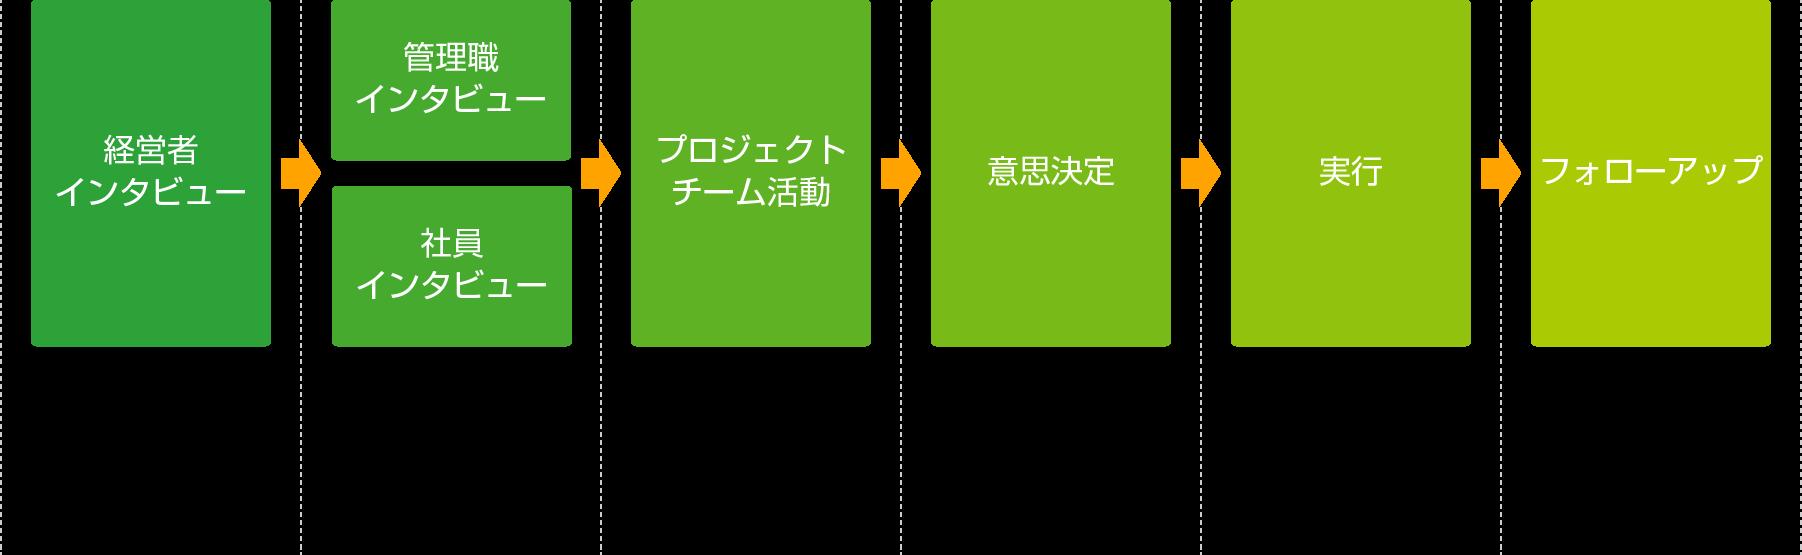 コンサルティングの流れ(例)を表す図